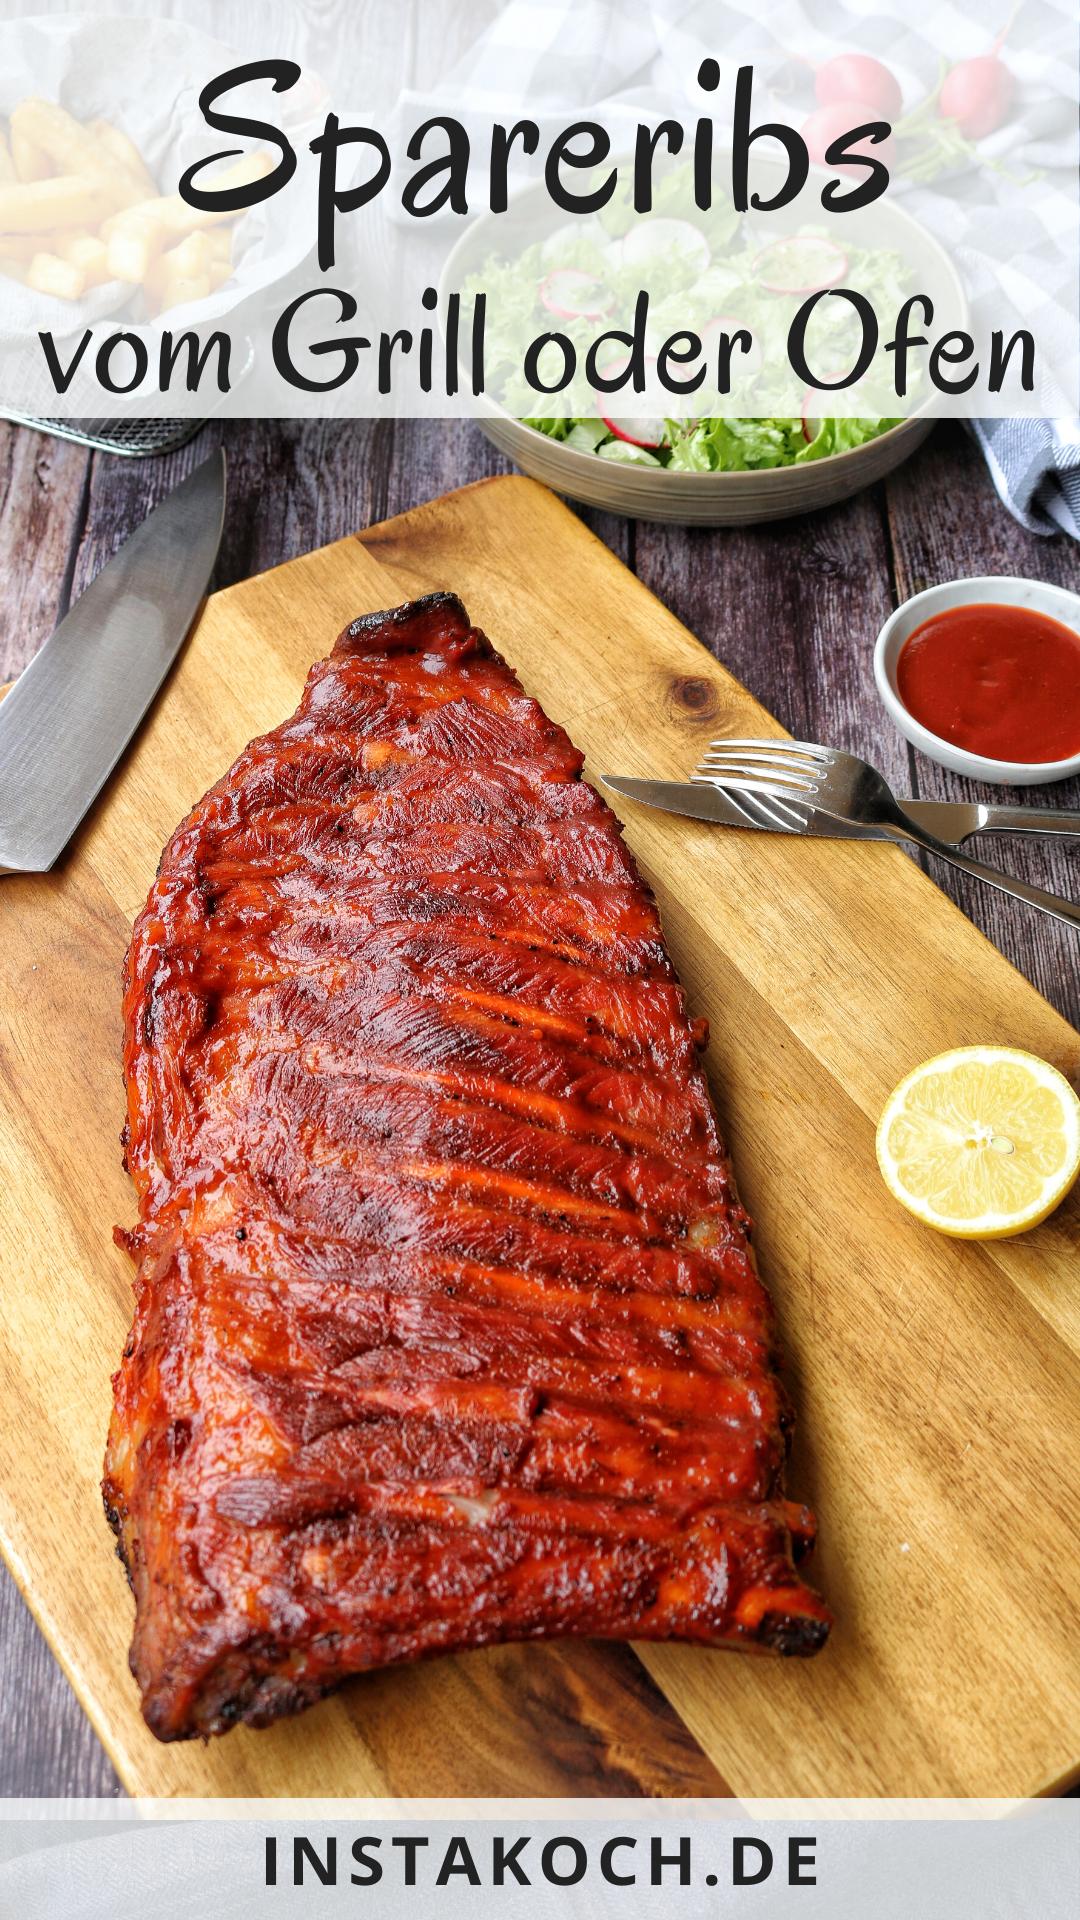 Saftige Spareribs vom Grill oder aus dem Backofen - Einfaches Rezept zum Nachkochen #meatfood